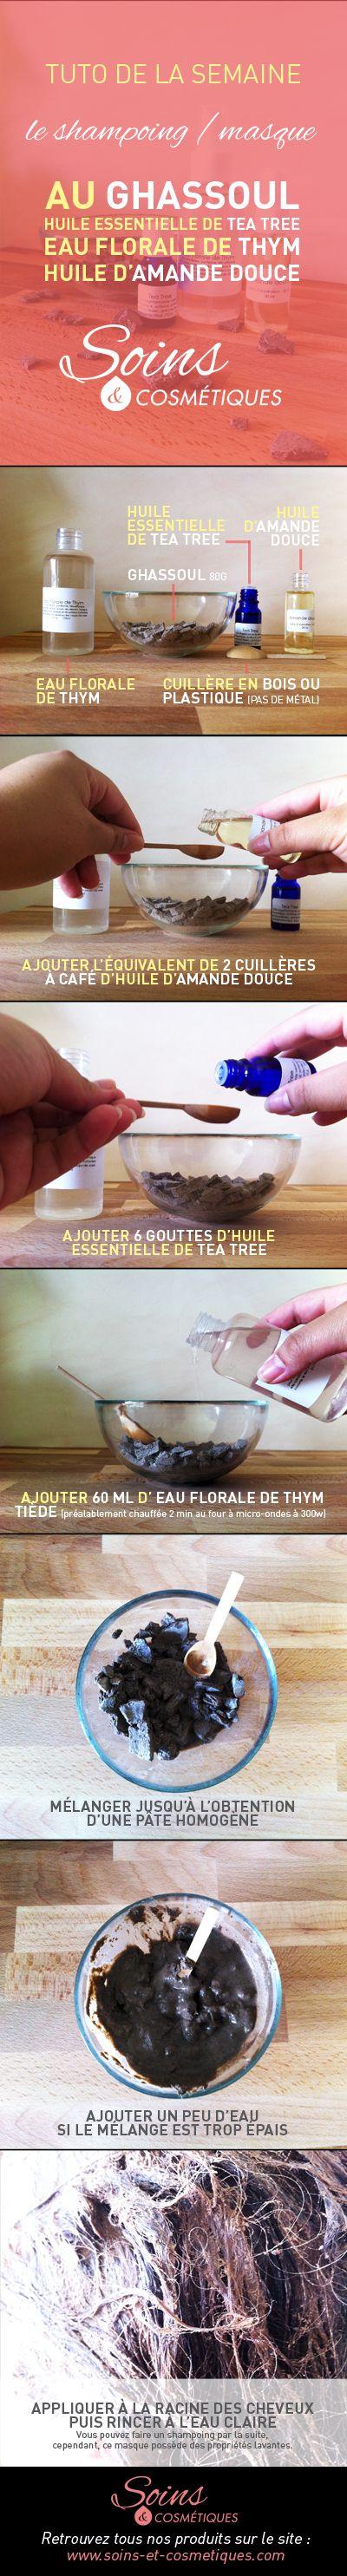 Recette de shampoing / masque NATUREL, à base de Ghassoul, d'huile d'Amande Douce, d'huile essentielle de Tea Tree, et d'eau florale de Thym. Excellent pour le cuir chevelu - 100% naturel !!!